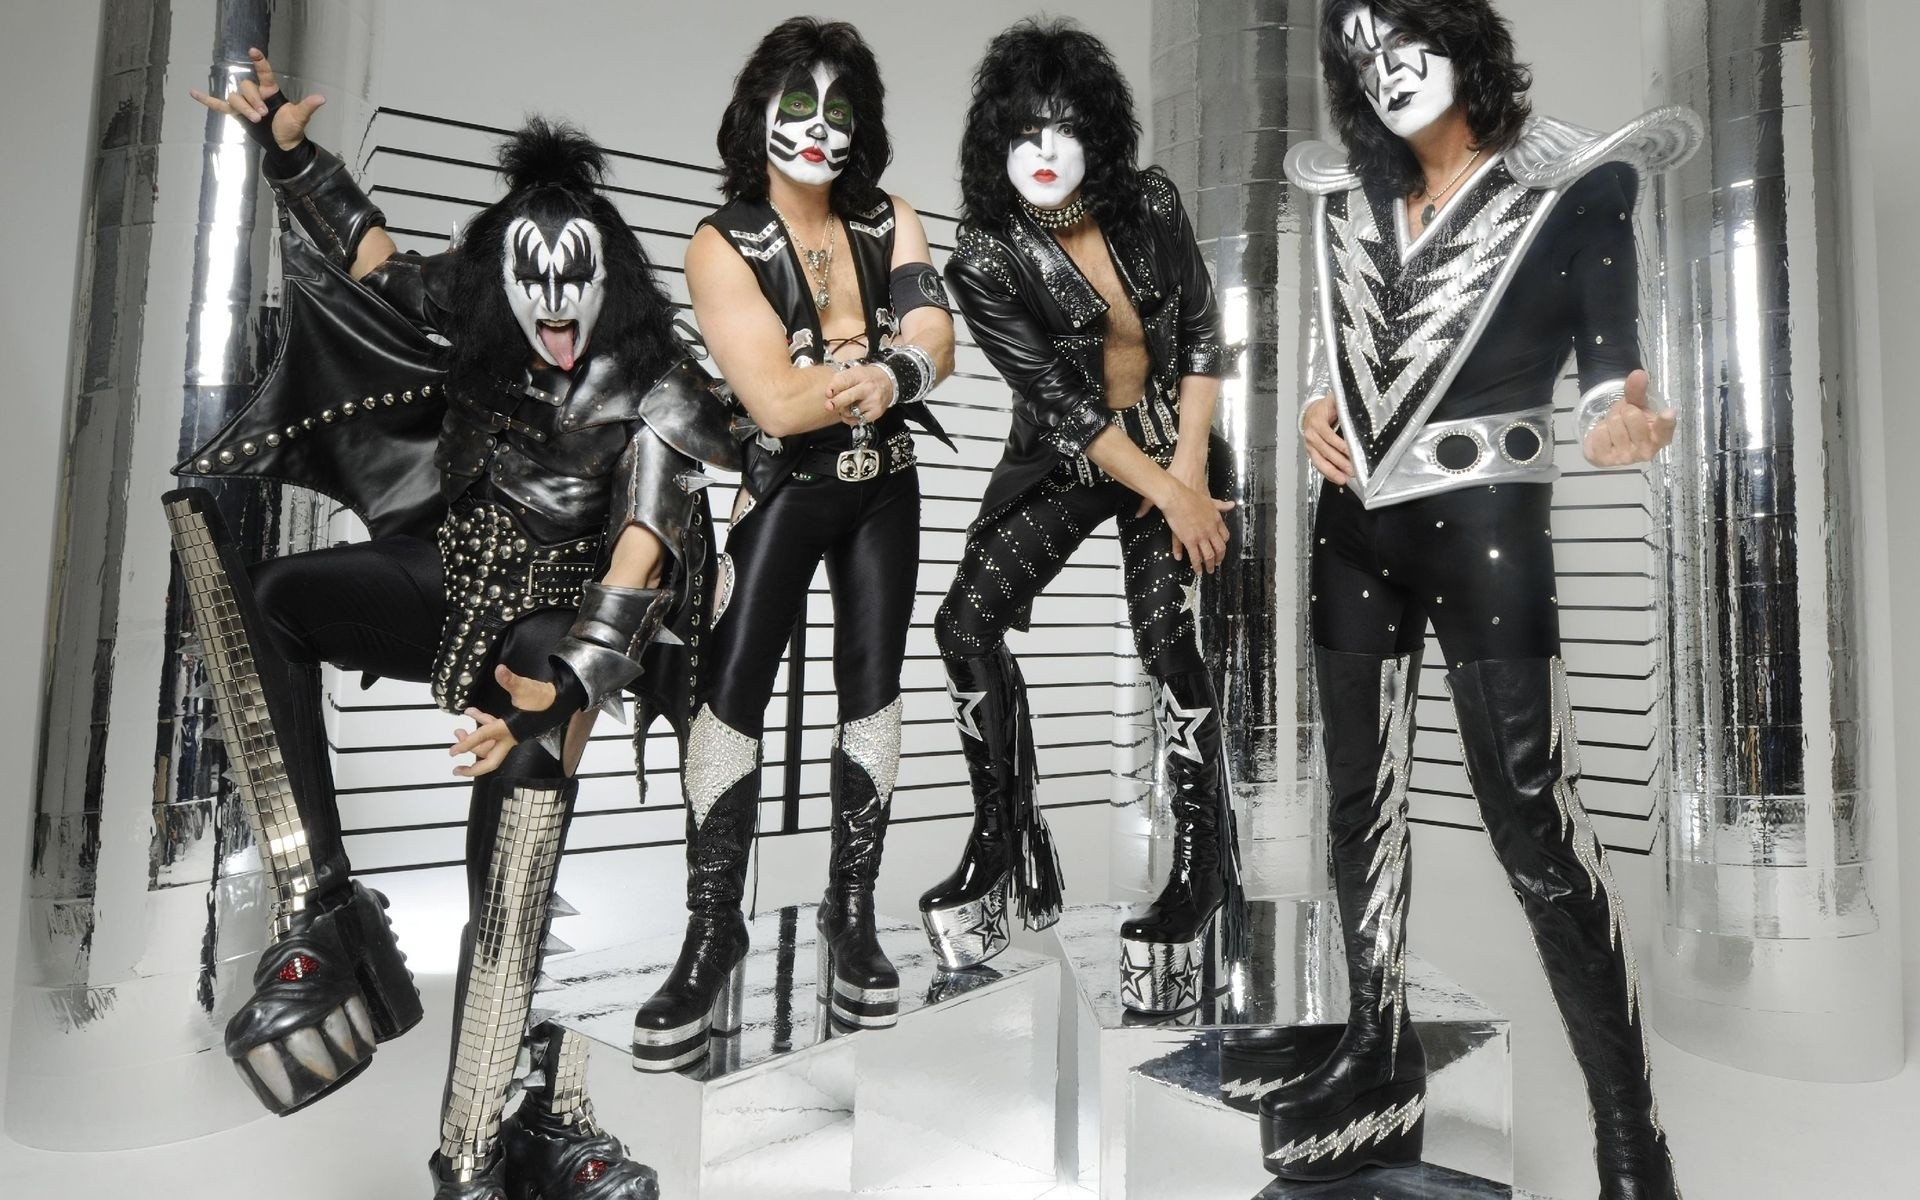 Рок-группа Kiss начнет европейский тур сконцерта в столице